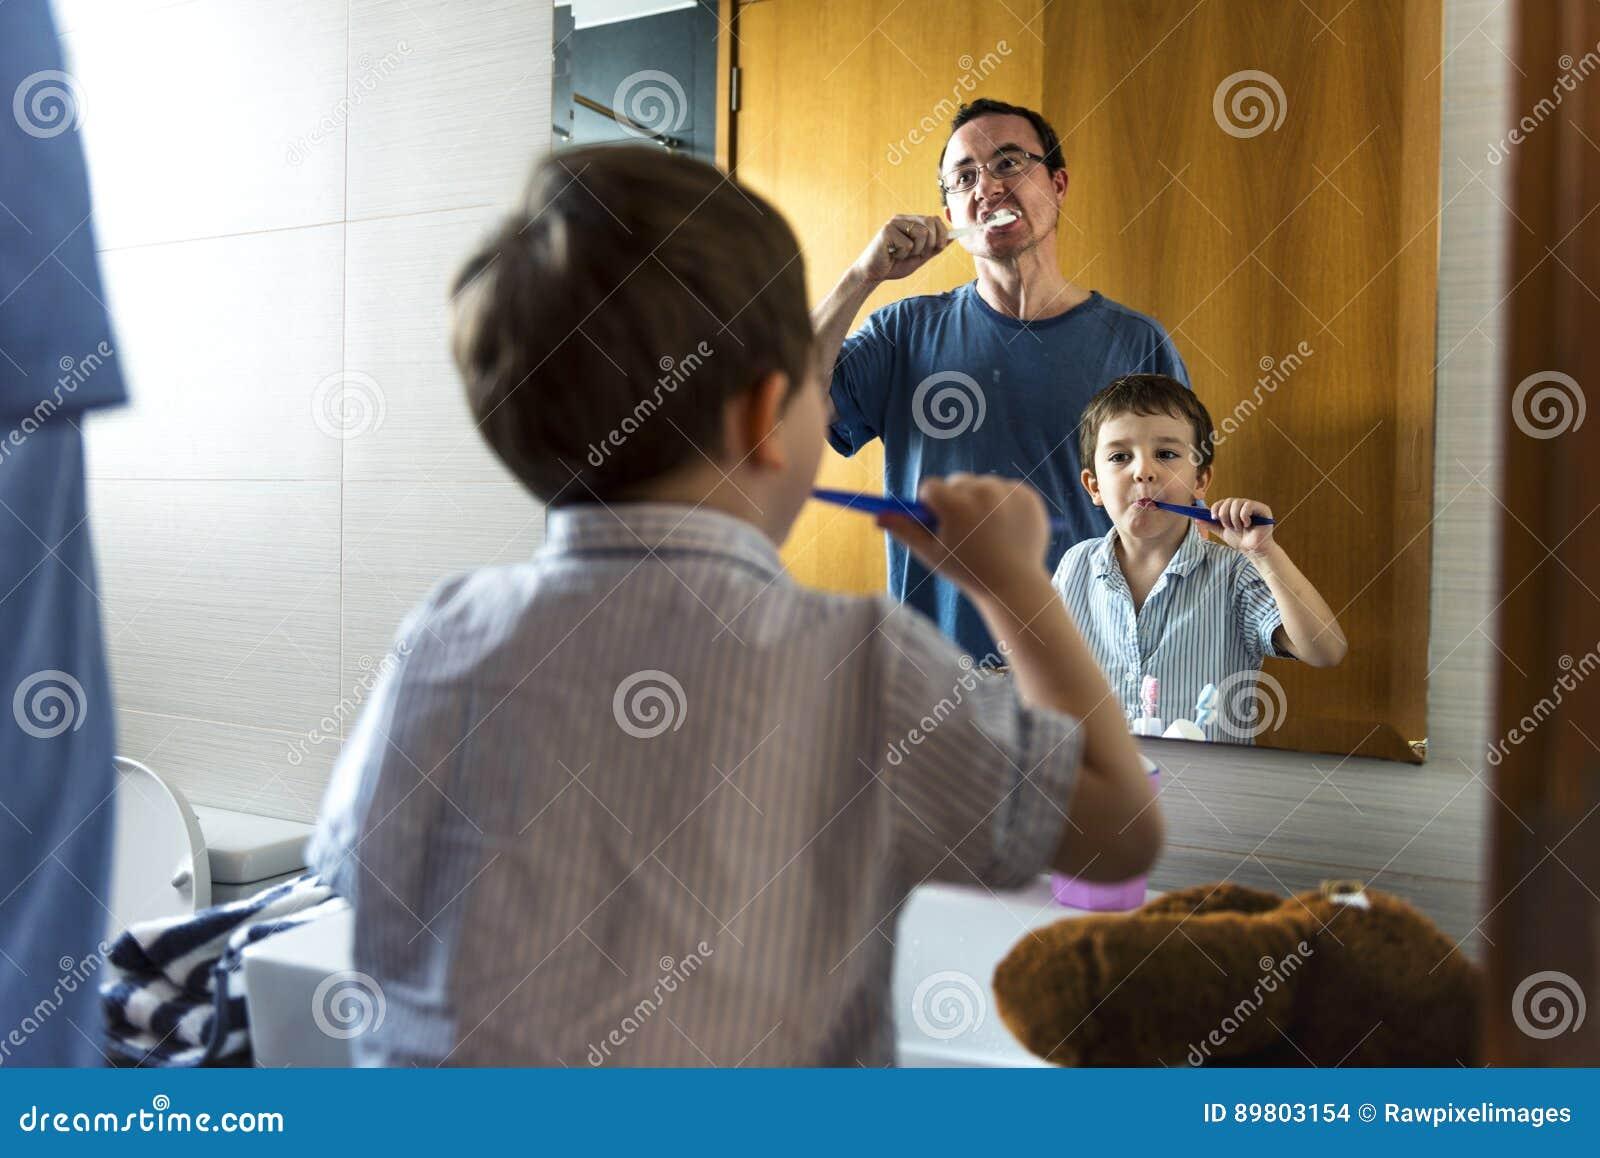 Gene ensinando ao filho como escovar seus dentes